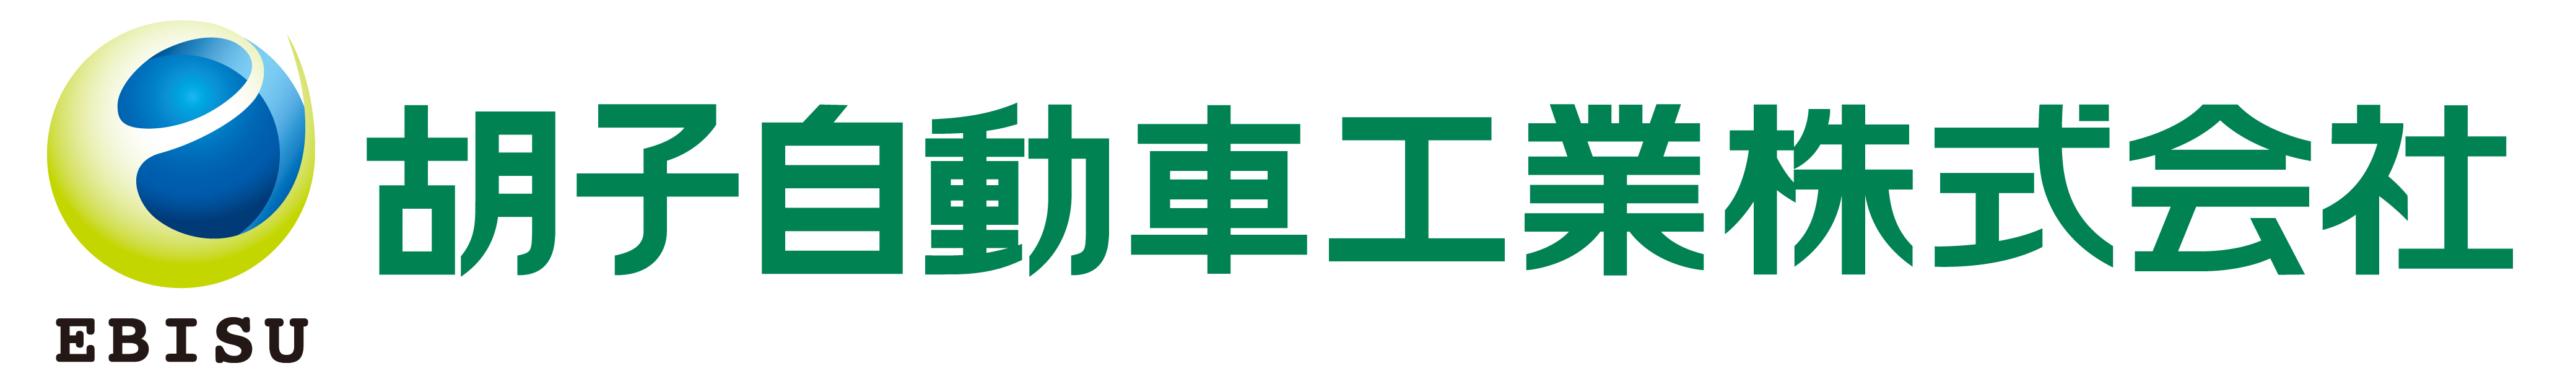 胡子自動車工業株式会社